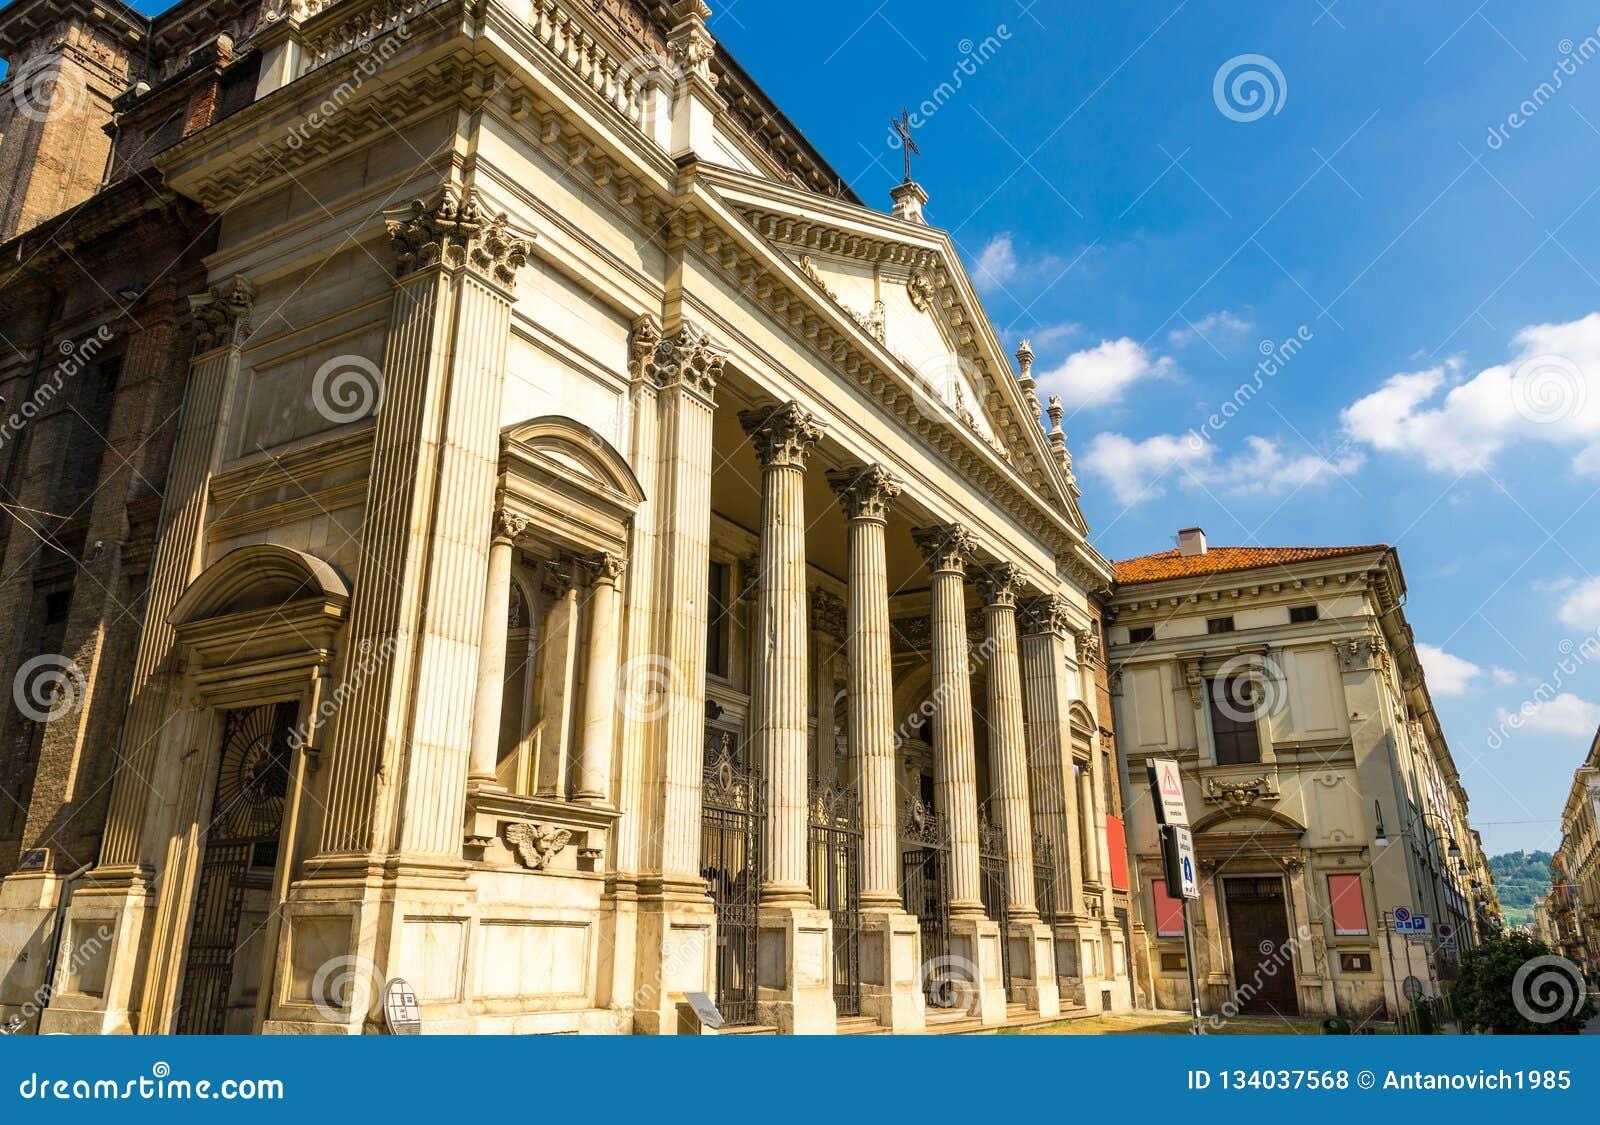 Edificio del estilo del clasicismo de la iglesia católica de Chiesa di San Filippo Neri